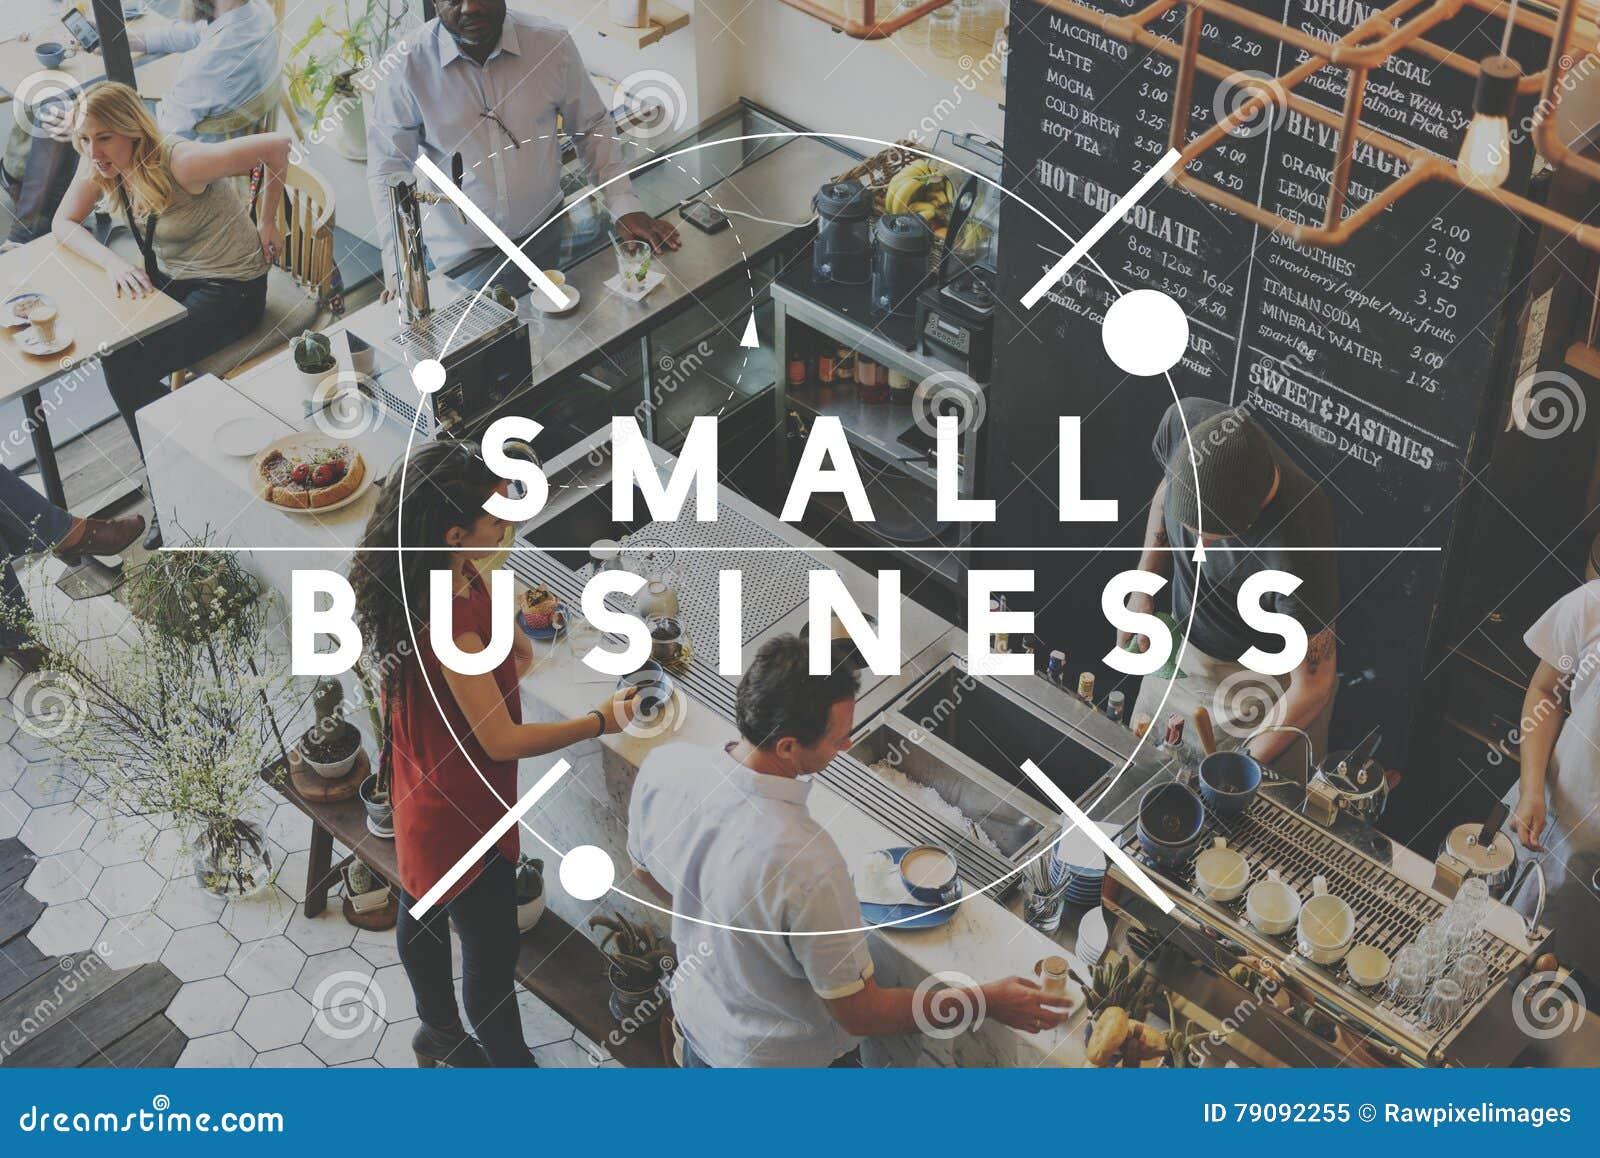 Conceito do começo das ideias do desenvolvimento da empresa da empresa de pequeno porte